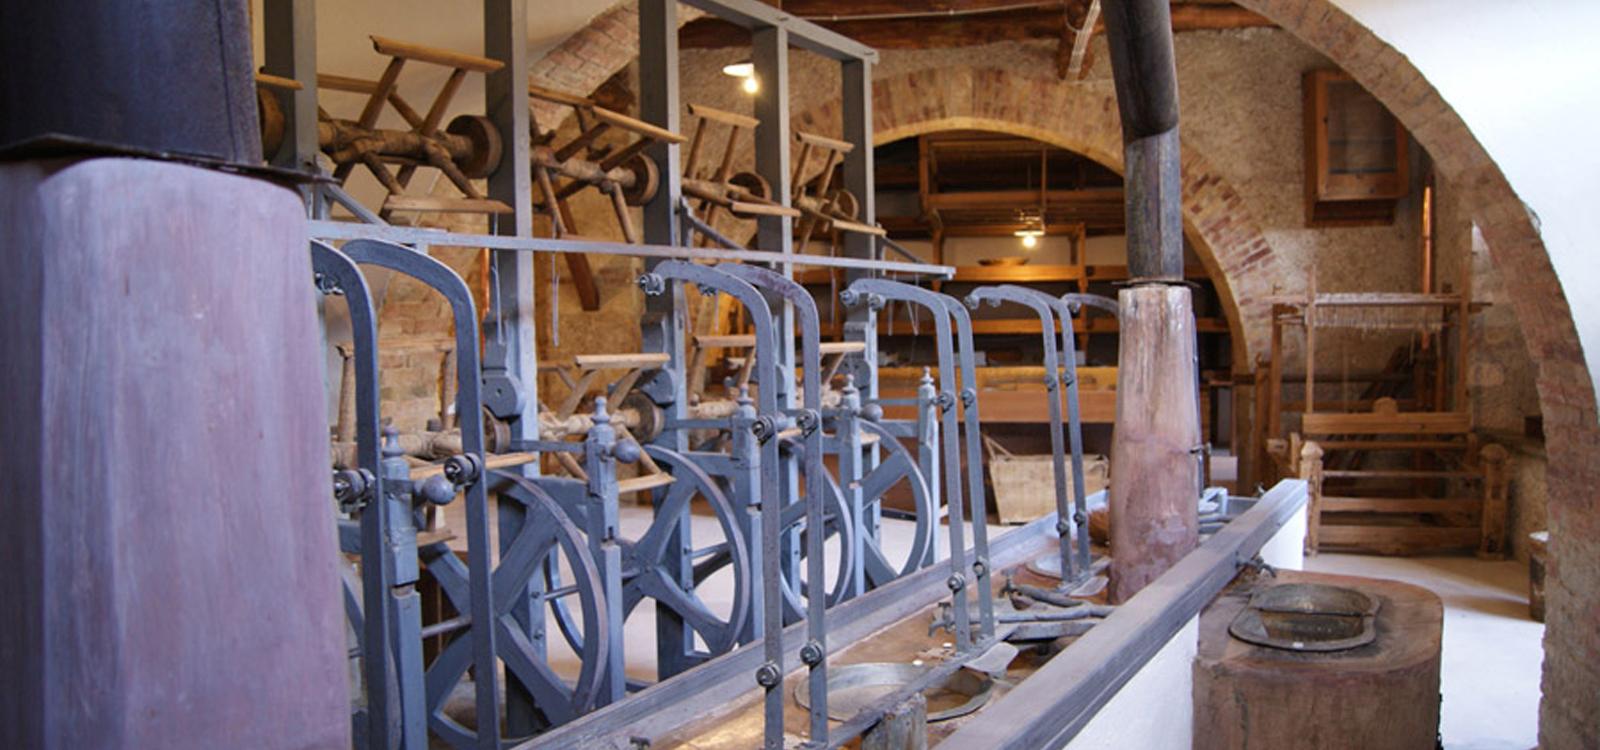 Pregevole testimonianza di archeologia industriale